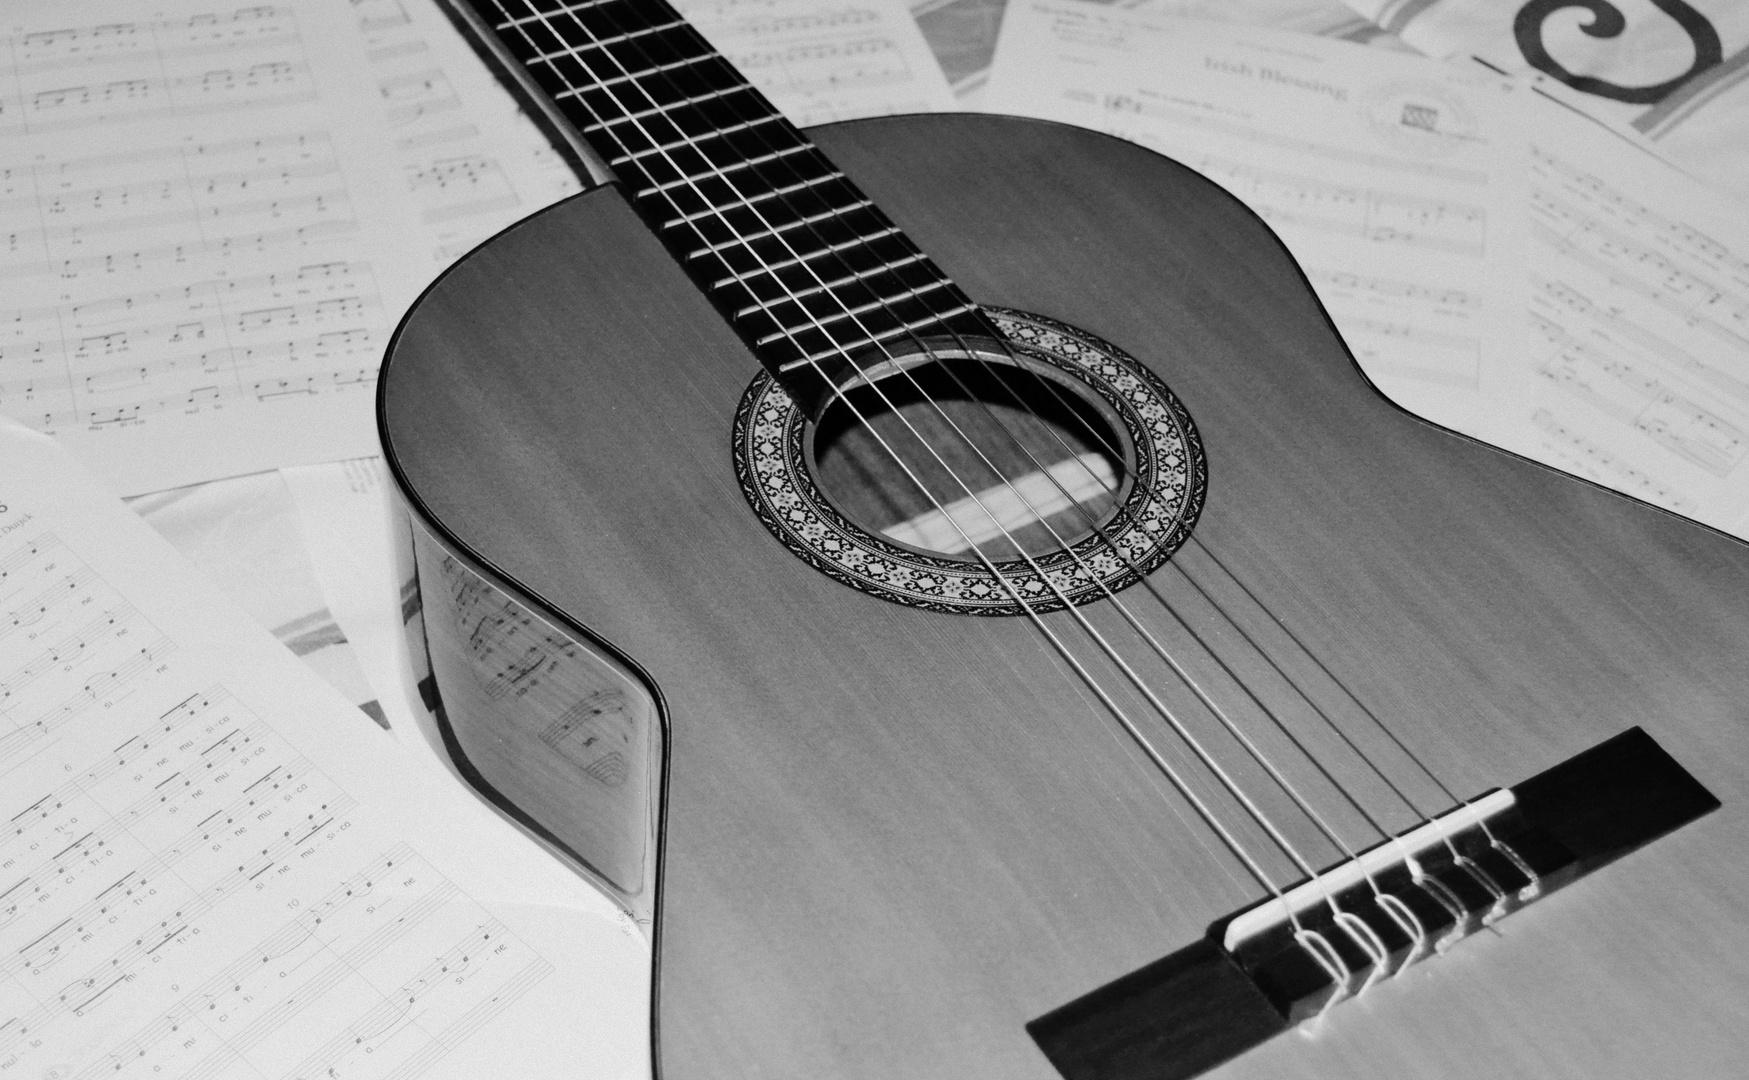 Donde mueren las palabras nace la música.